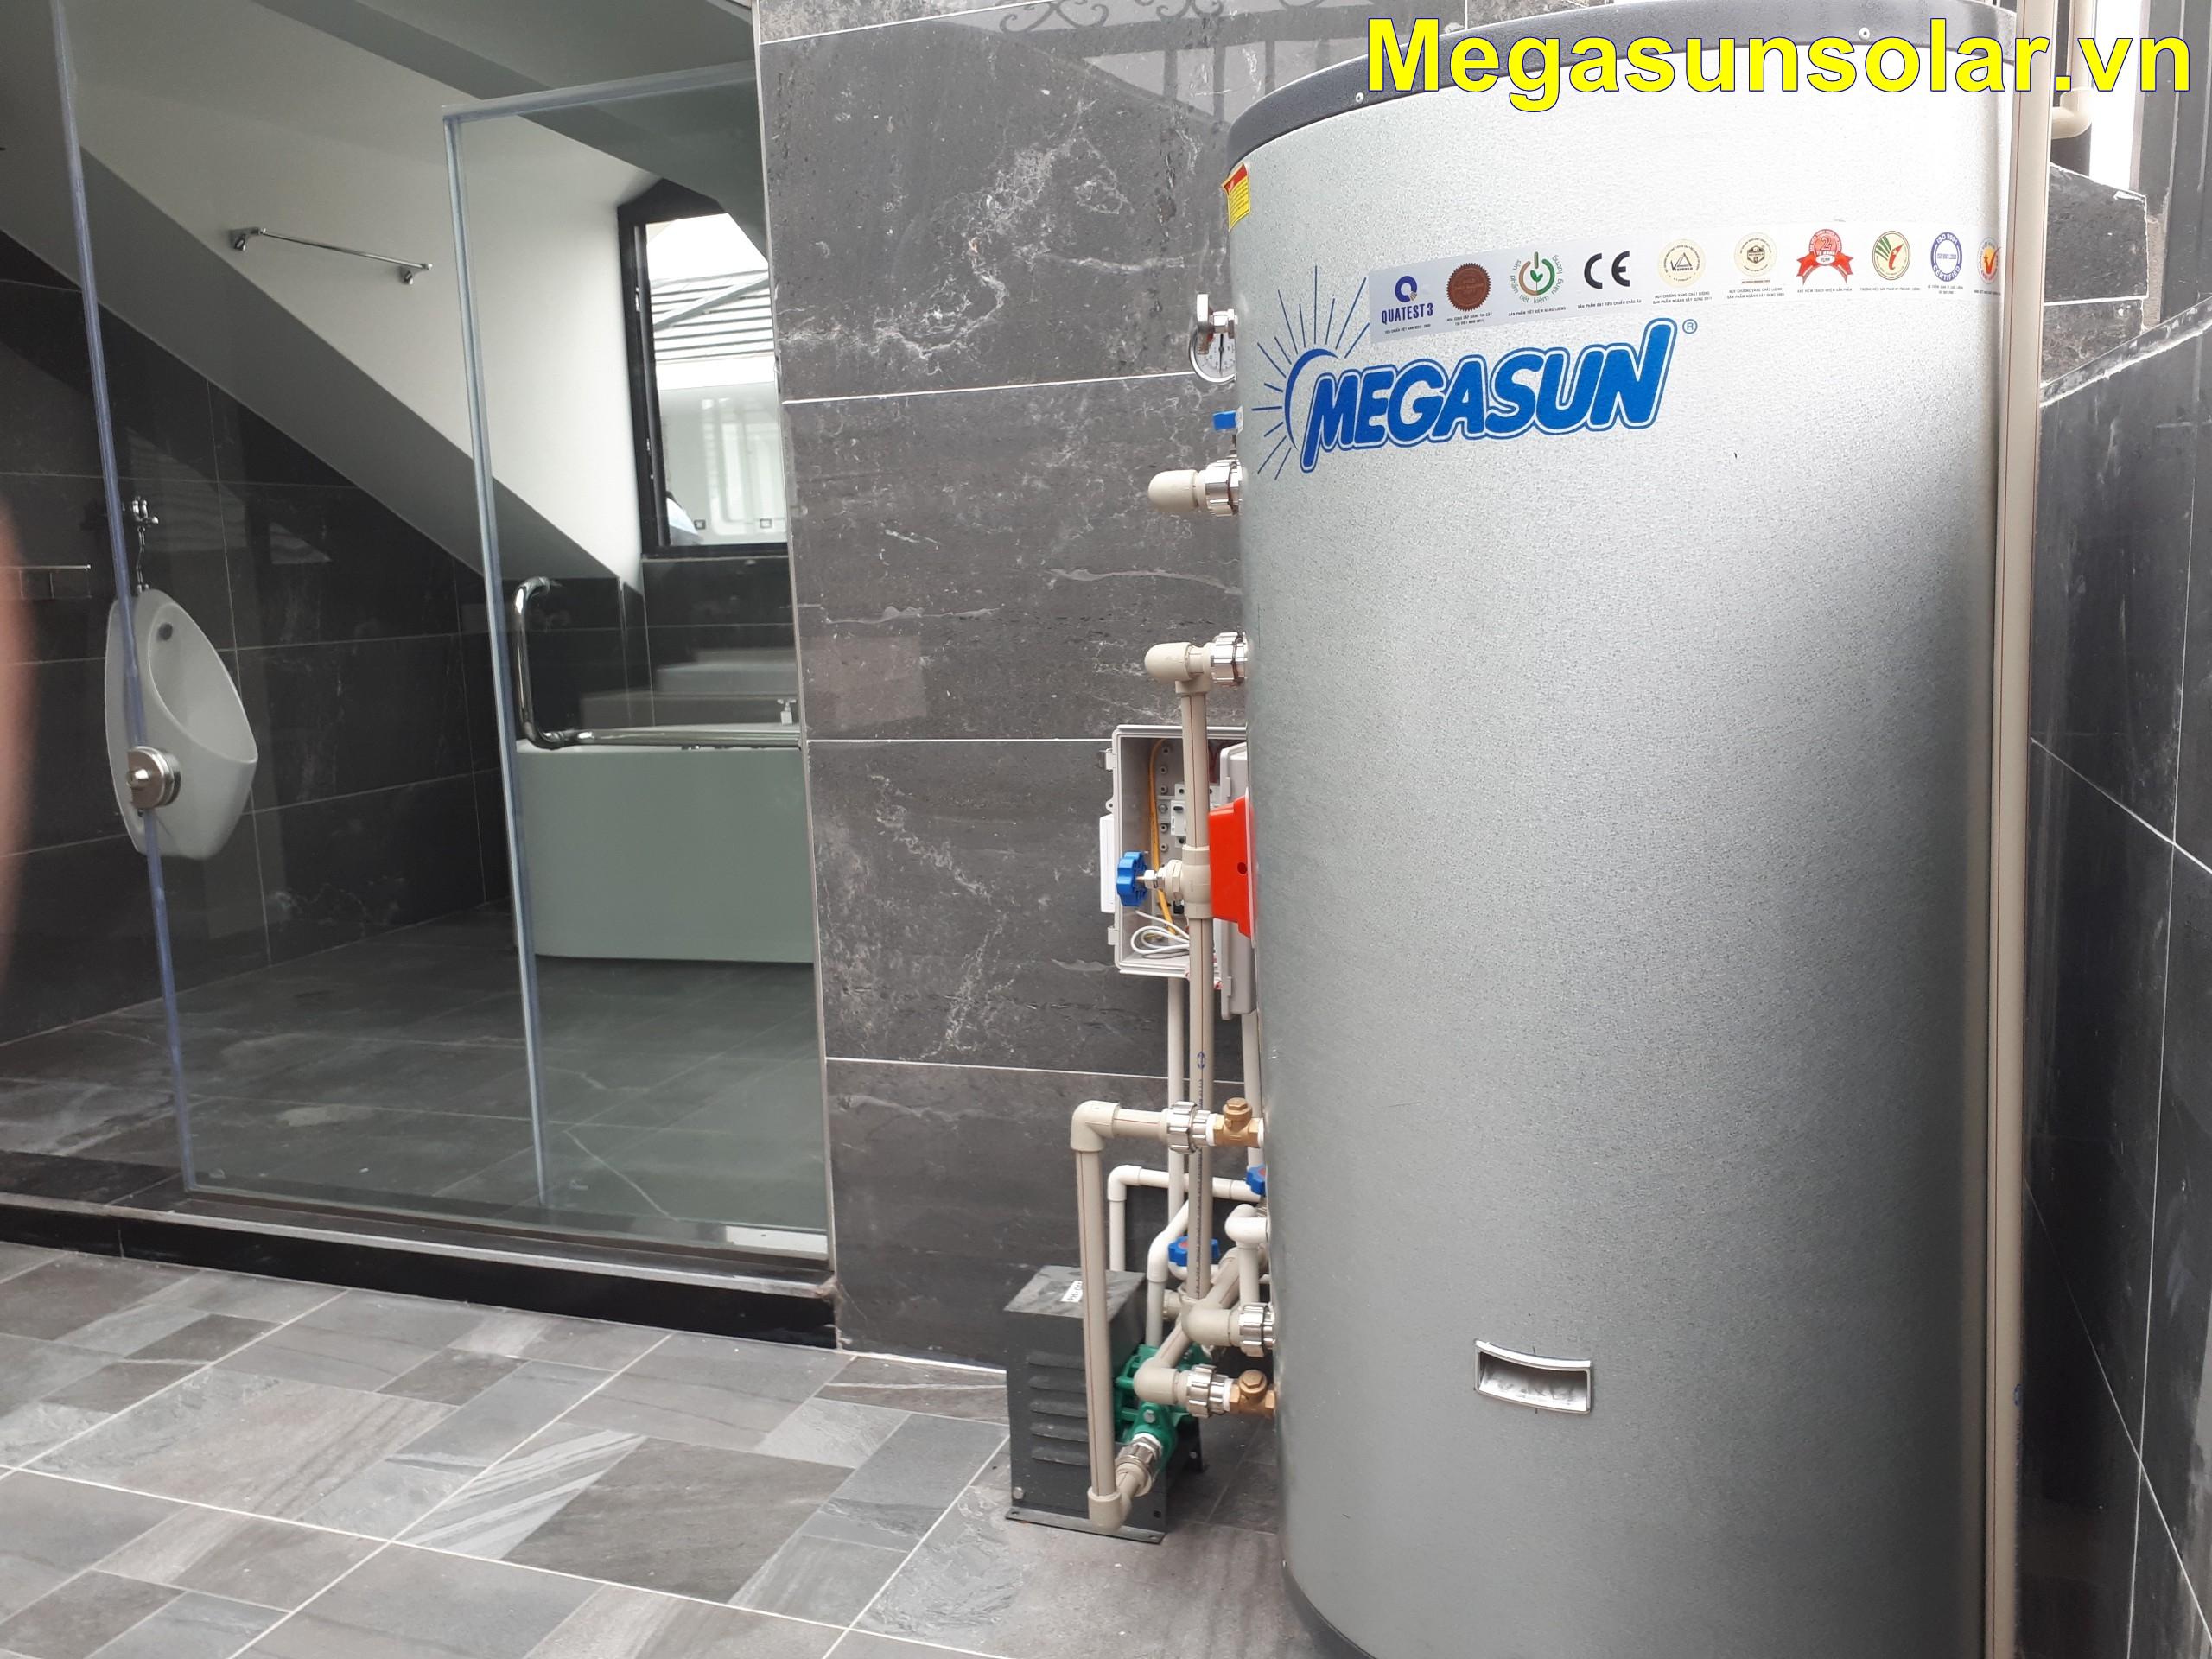 Máy nước nóng bơm nhiệt cho gia đình Megasun MGS-2HP-400L lắp đặt tại Vinhome Greenbay